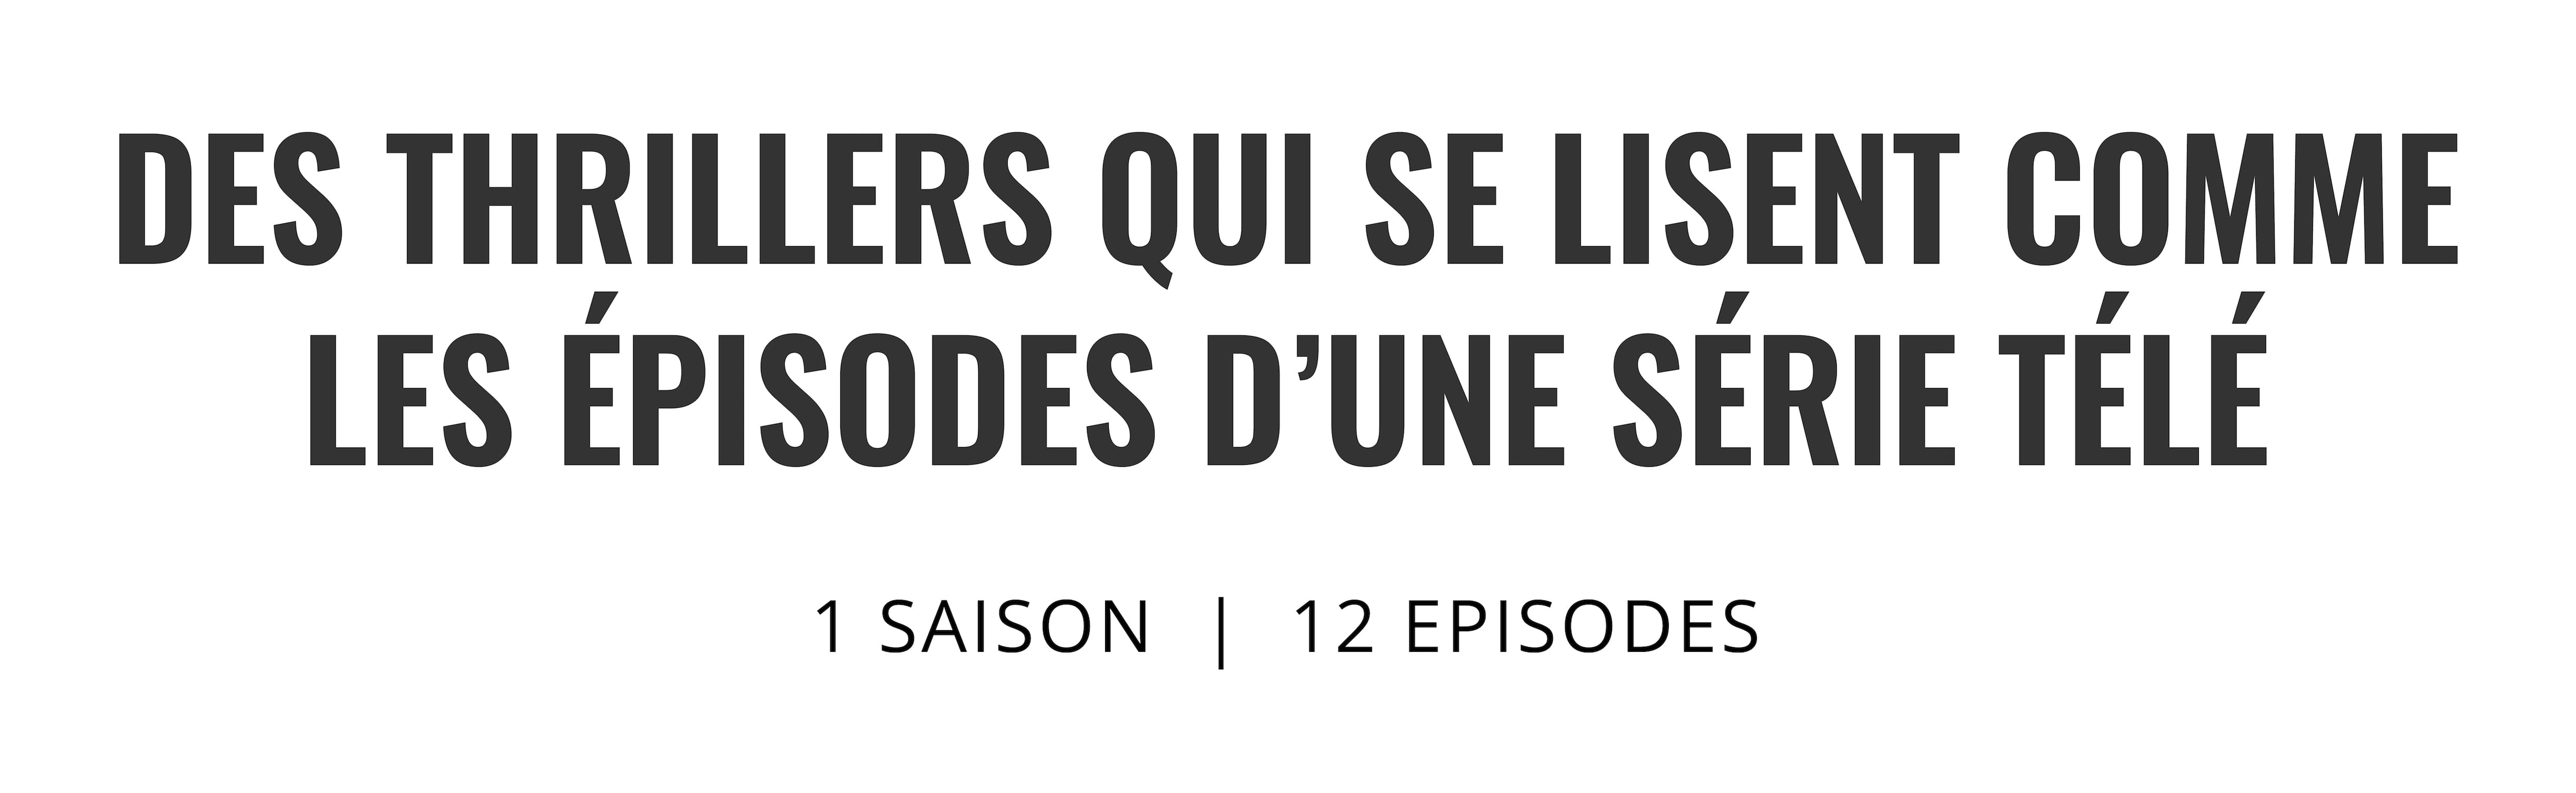 Des thrillers qui se lisent comme les épisodes d'une série télé – 1 saison, 12 épisodes